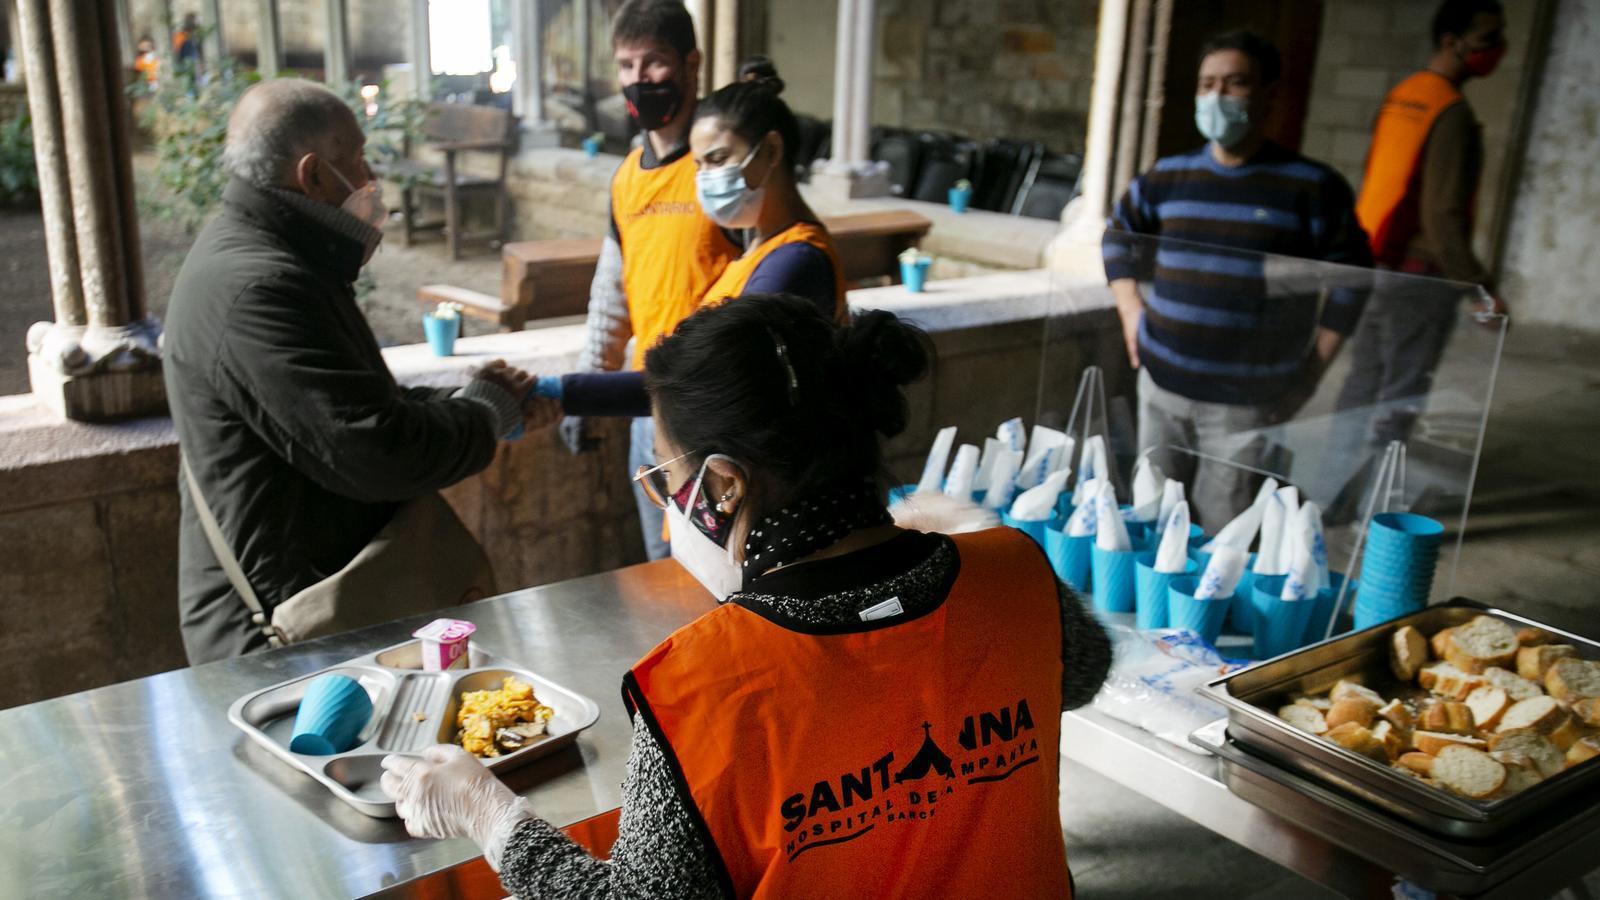 Voluntaris de l'Hospital de Campanya saludant un dels usuaris que arriba per dinar al claustre